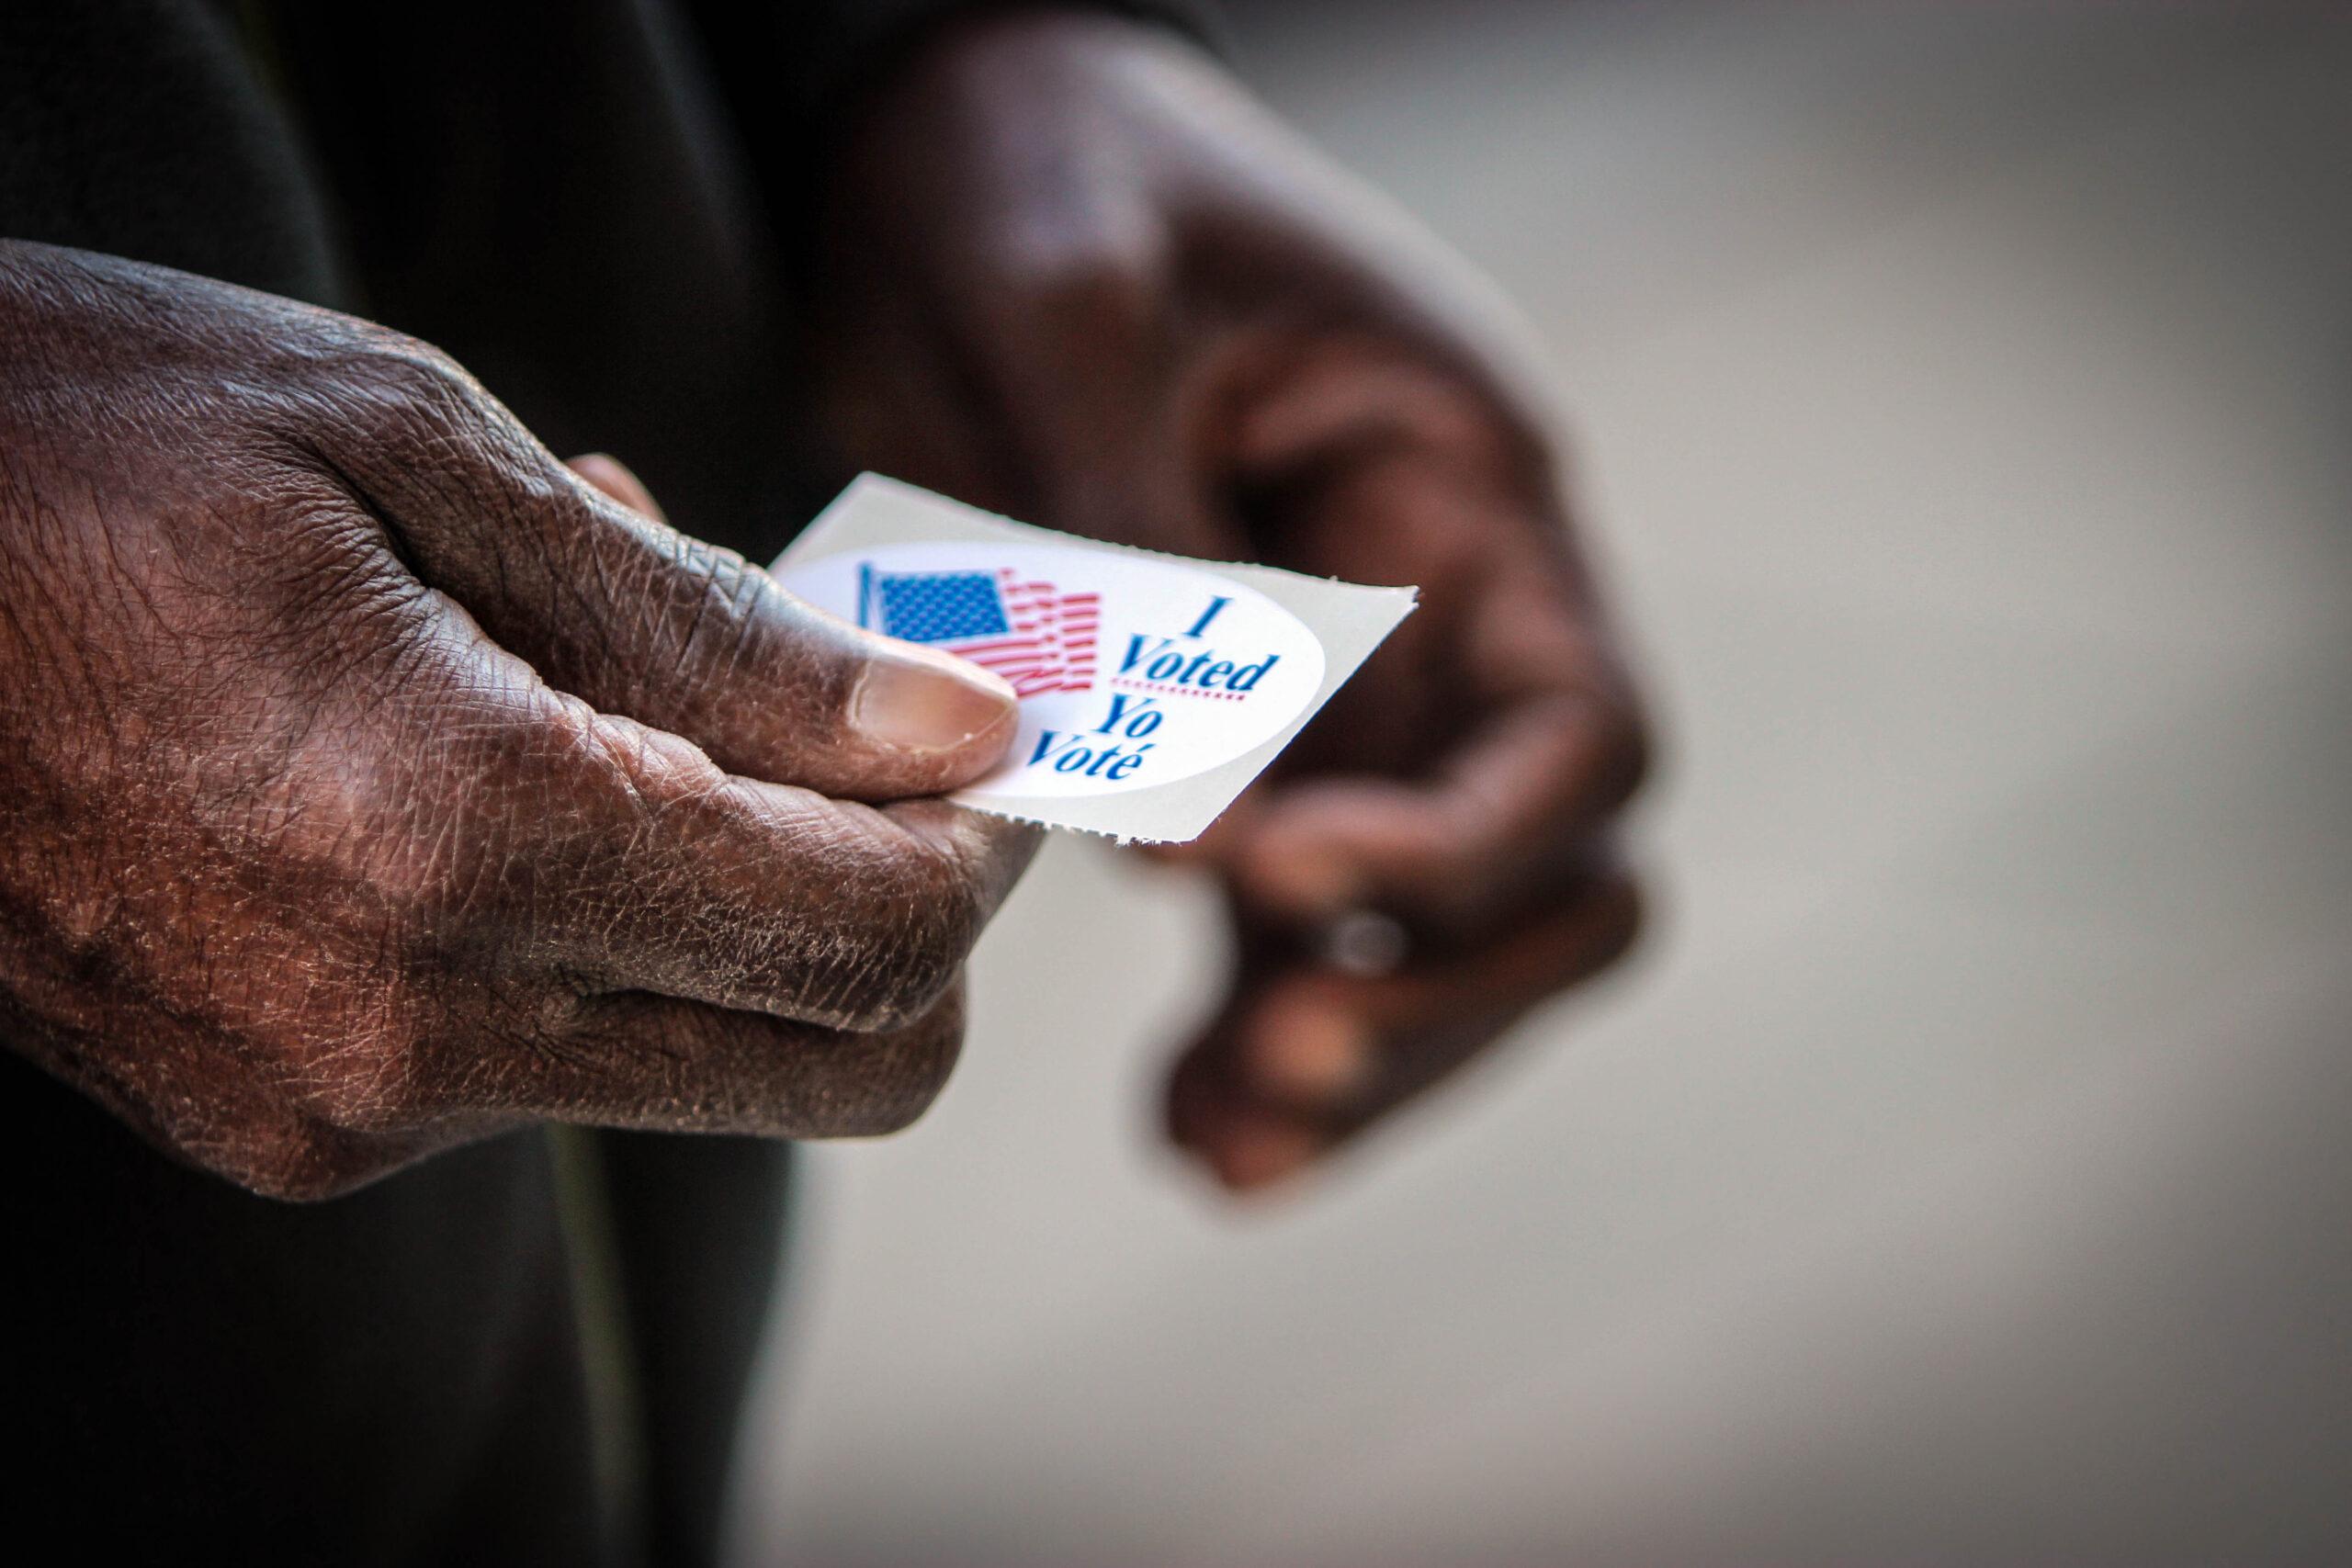 vote, i vote, vote 2020